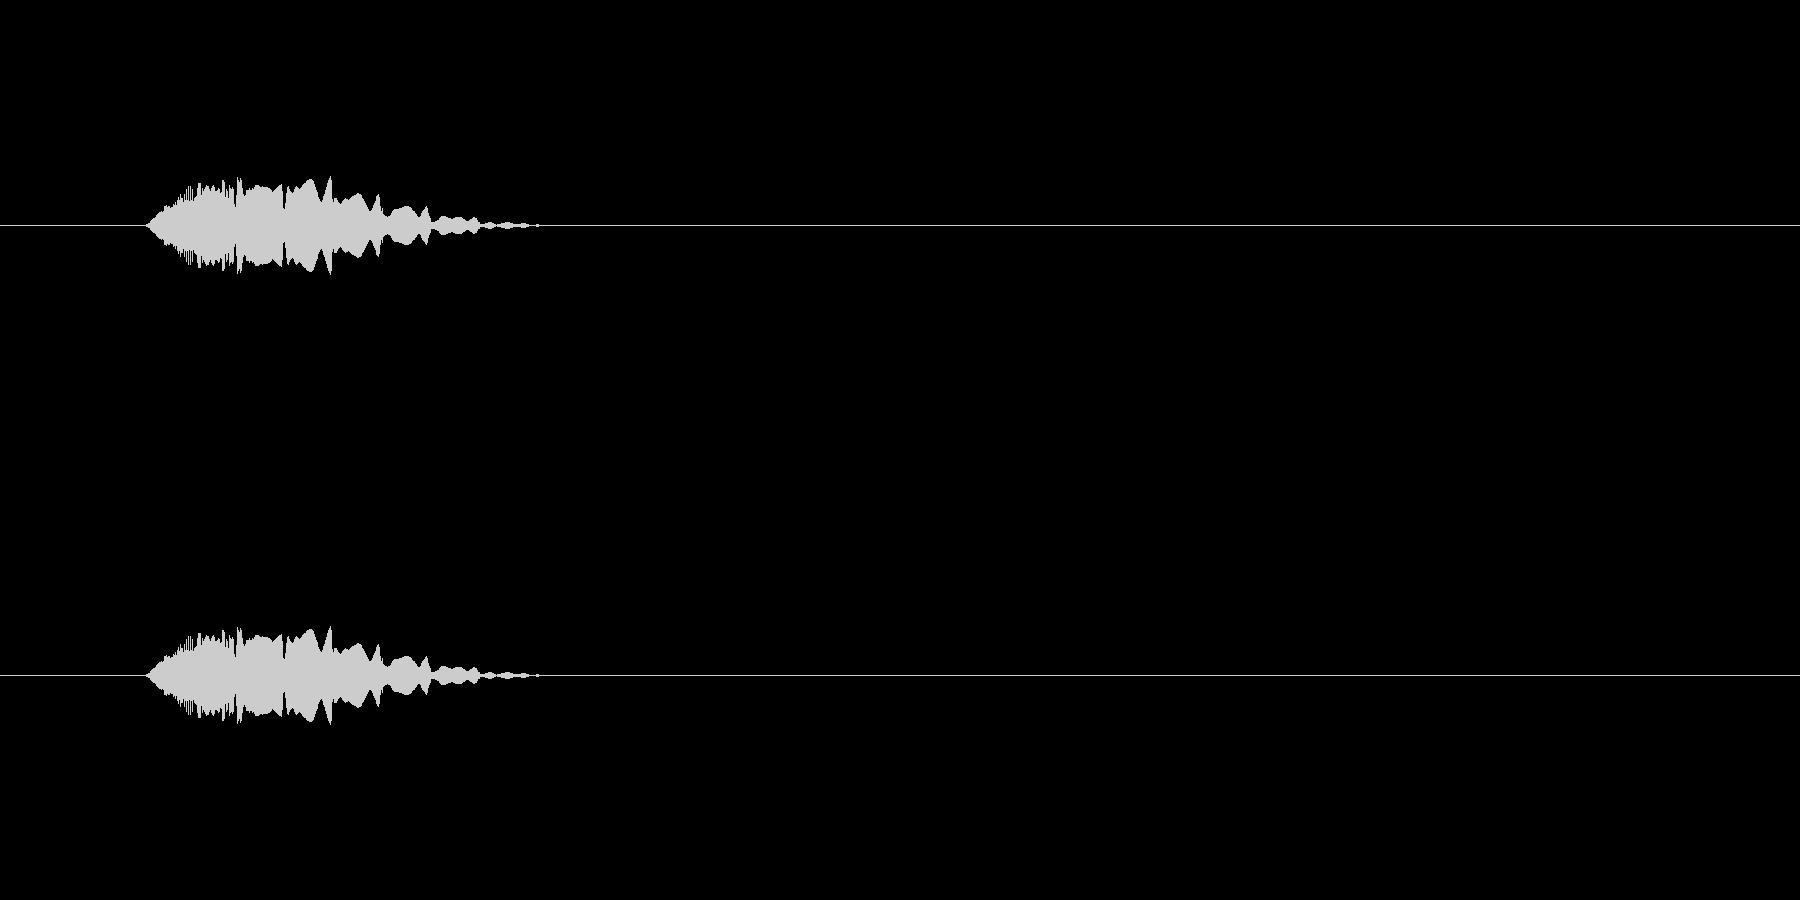 【ポップモーション37-1】の未再生の波形